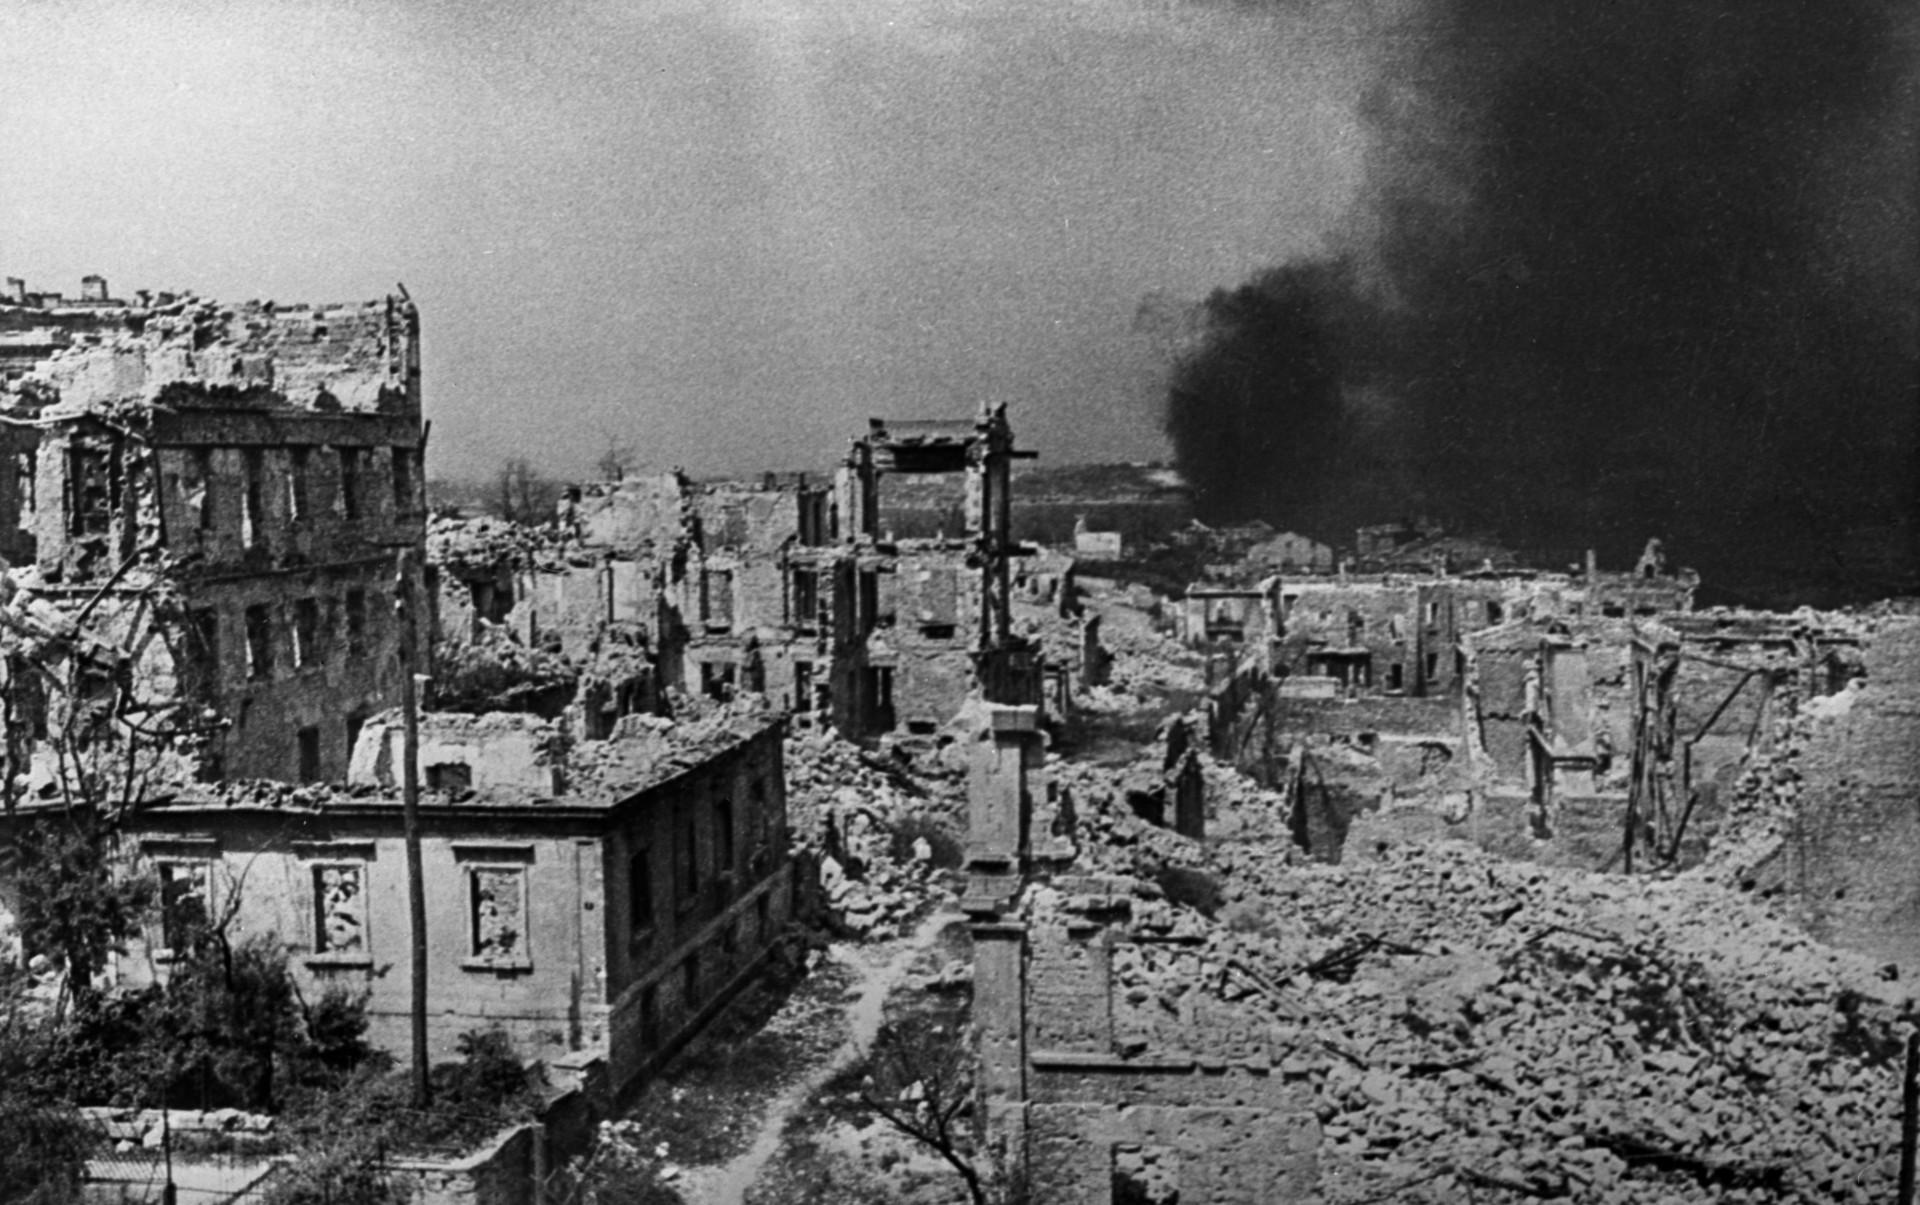 фотосалонов фото города в руинах вов фотопленка